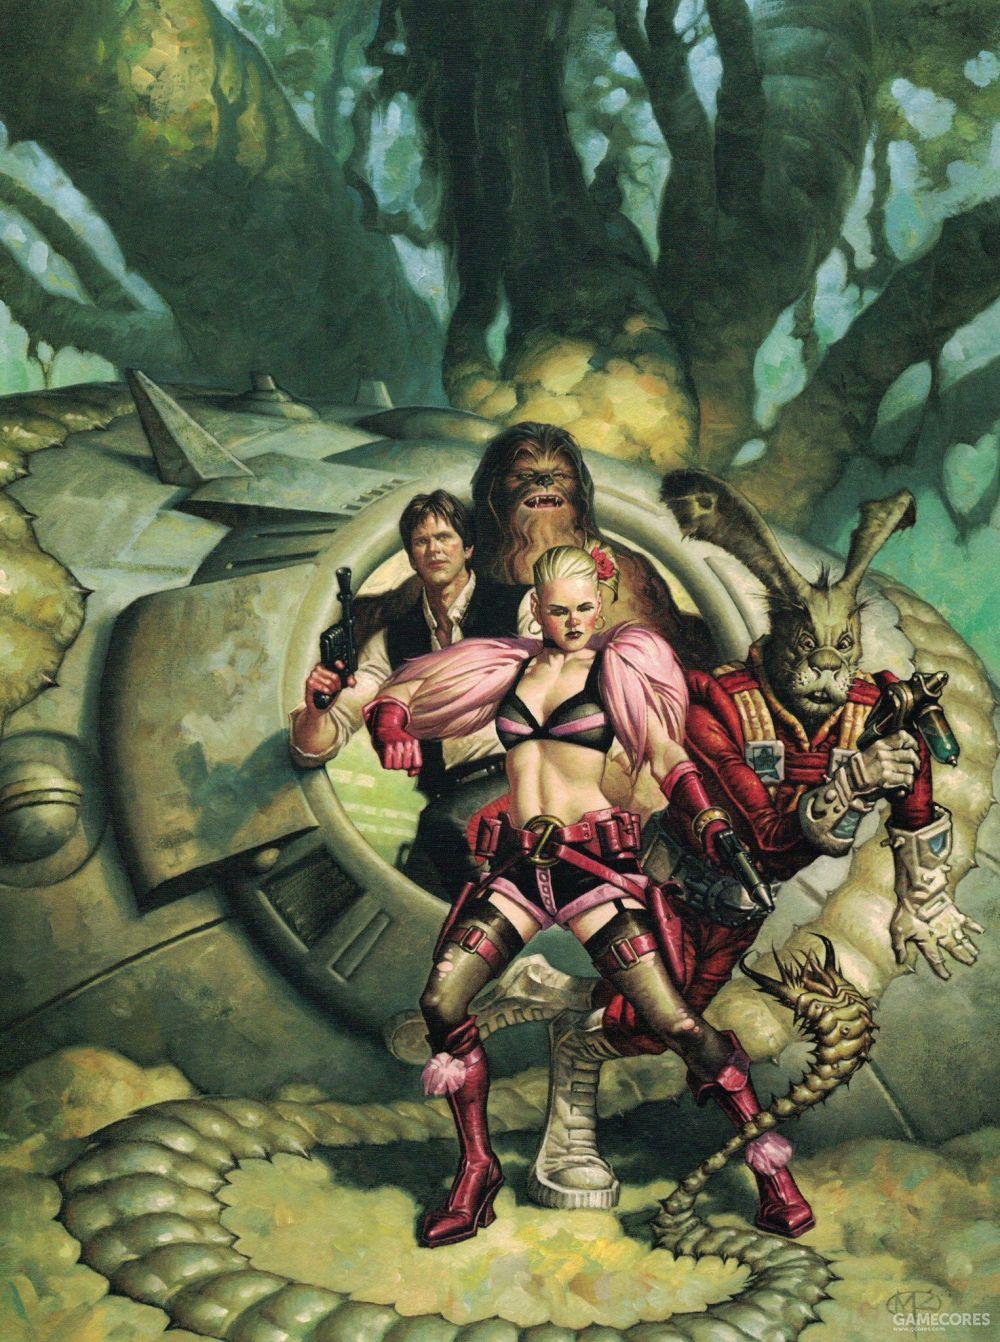 """古早《星球大战》漫画第8集""""阿杜巴3号的八武士""""(Eight for Aduba-3)的周边插画,那个""""绿皮太空兔子""""叫杰克森(Jaxxon),在科幻圈里是个臭名昭著的老梗"""